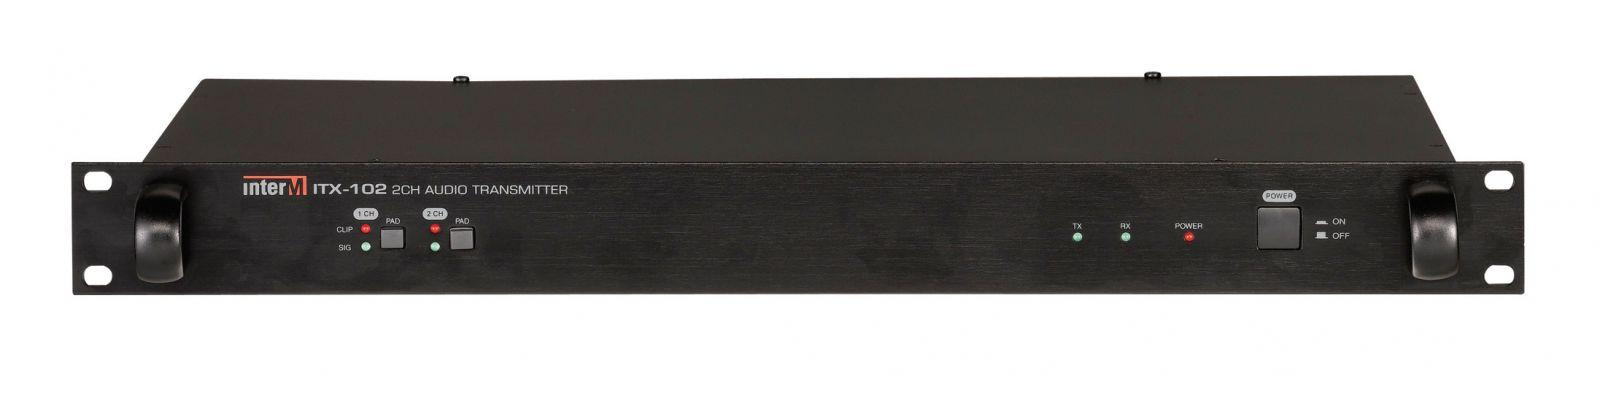 Truyền tín hiệu Audio sang mạng - ITX-102